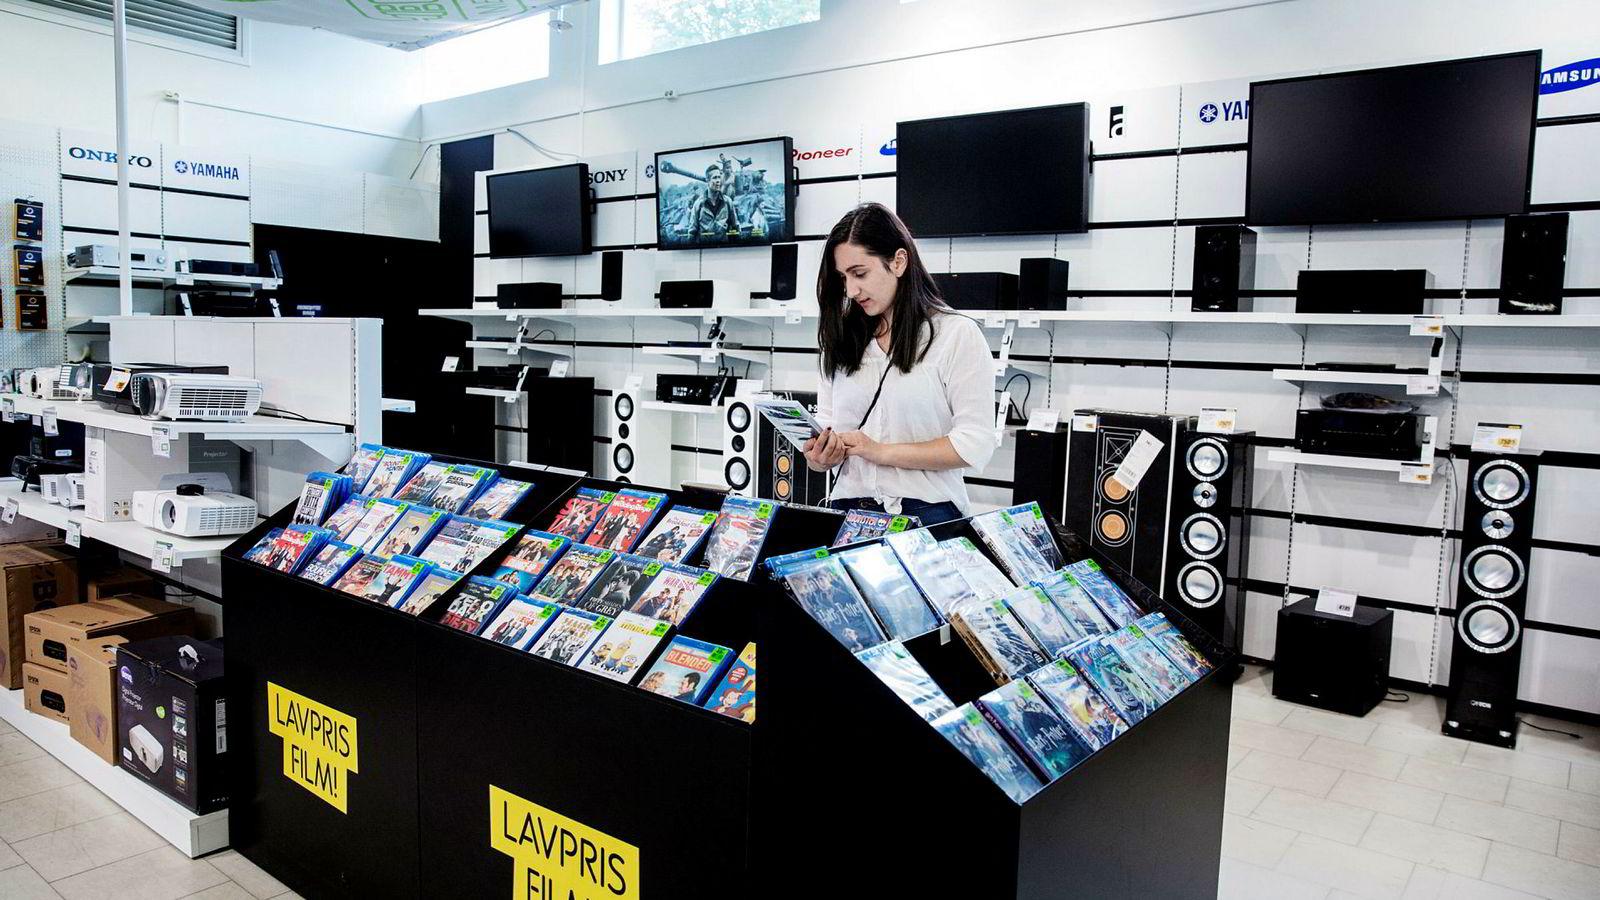 19 år gamle Katarina Karlsen ser mest film på Netflix, men kjøper filmene hun liker. Filmbransjen tjener mer på at hun gjør sistnevnte.